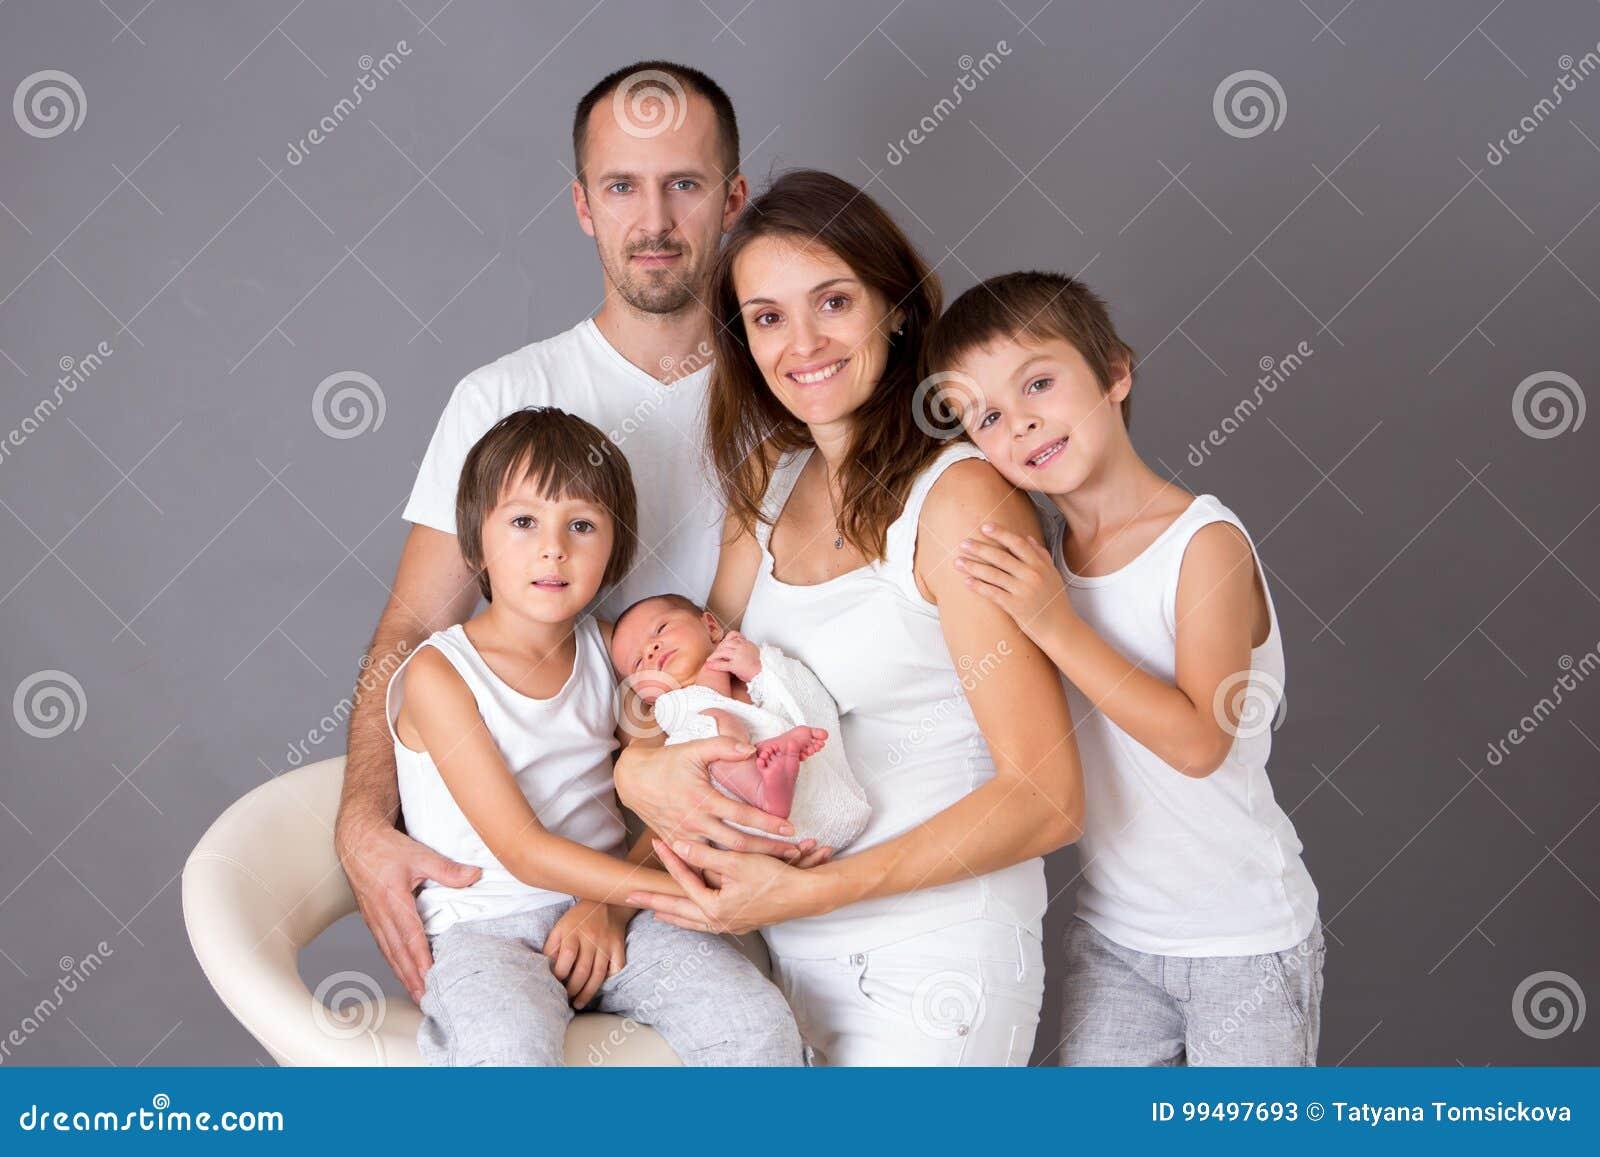 Bello ritratto della famiglia, padre, madre e tre ragazzi, lookin